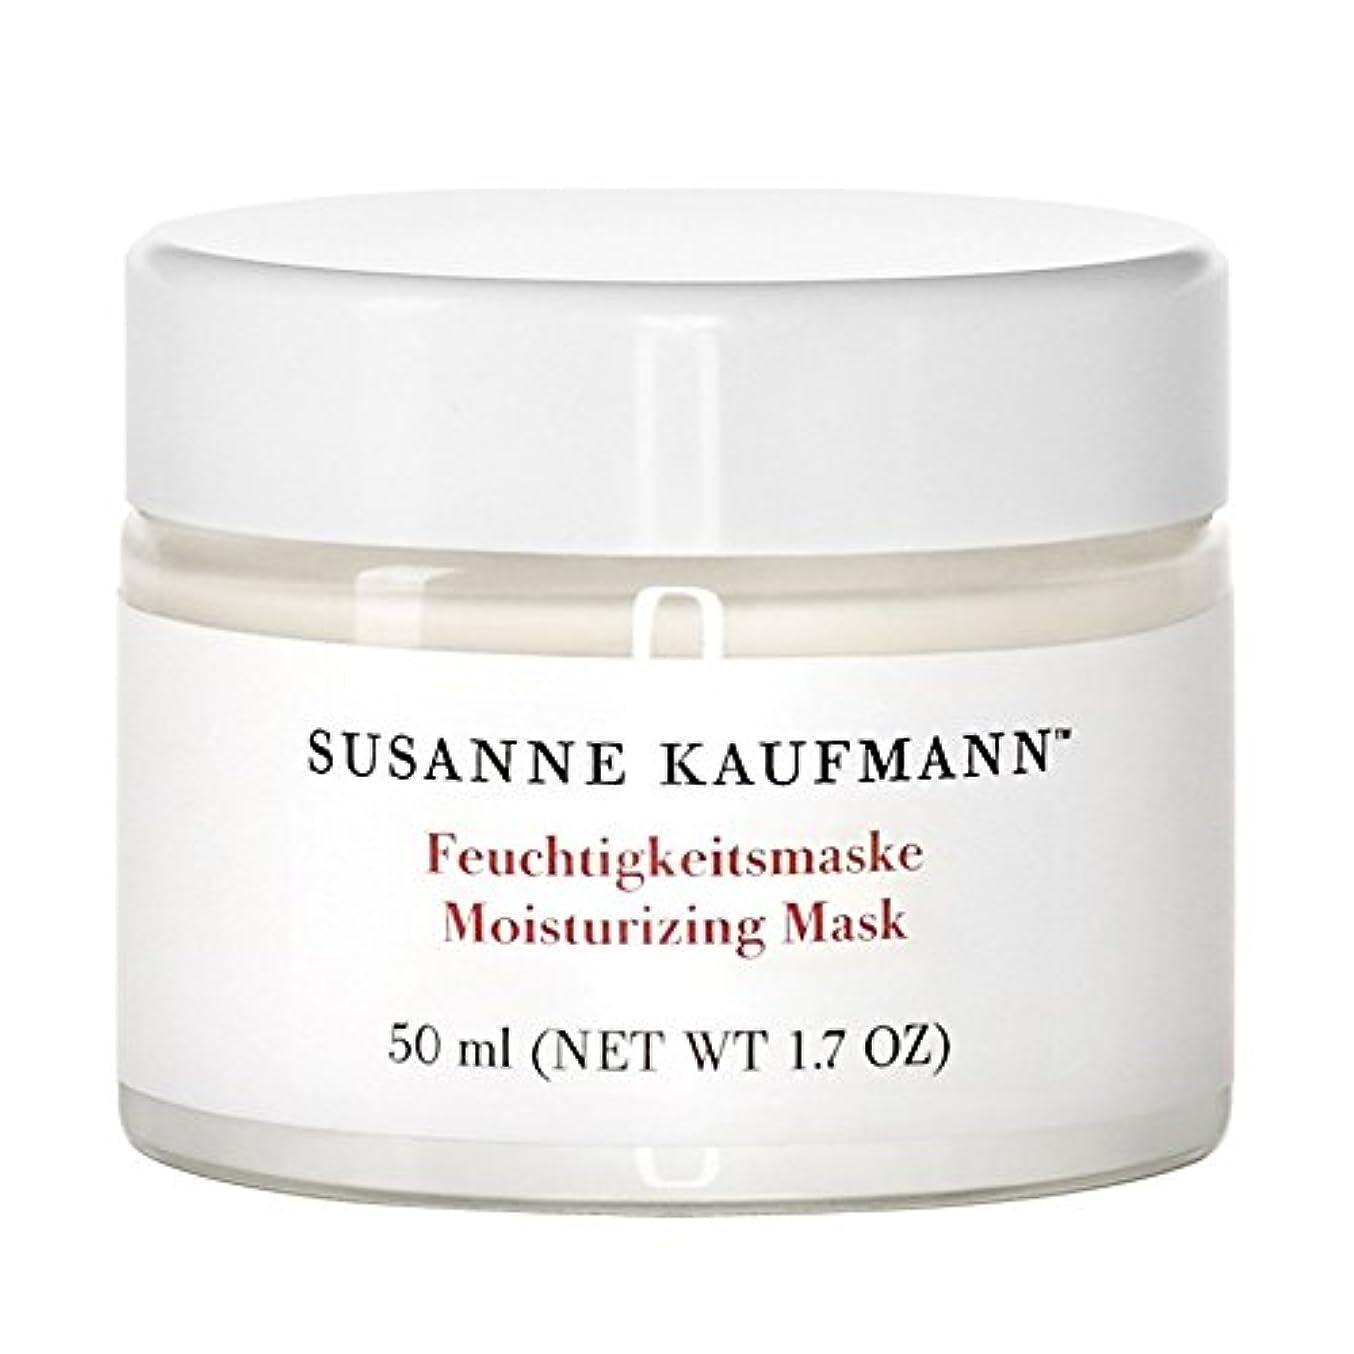 ムス控える病弱スザンヌカウフマン保湿マスク50ミリリットル x2 - Susanne Kaufmann Moisturising Mask 50ml (Pack of 2) [並行輸入品]